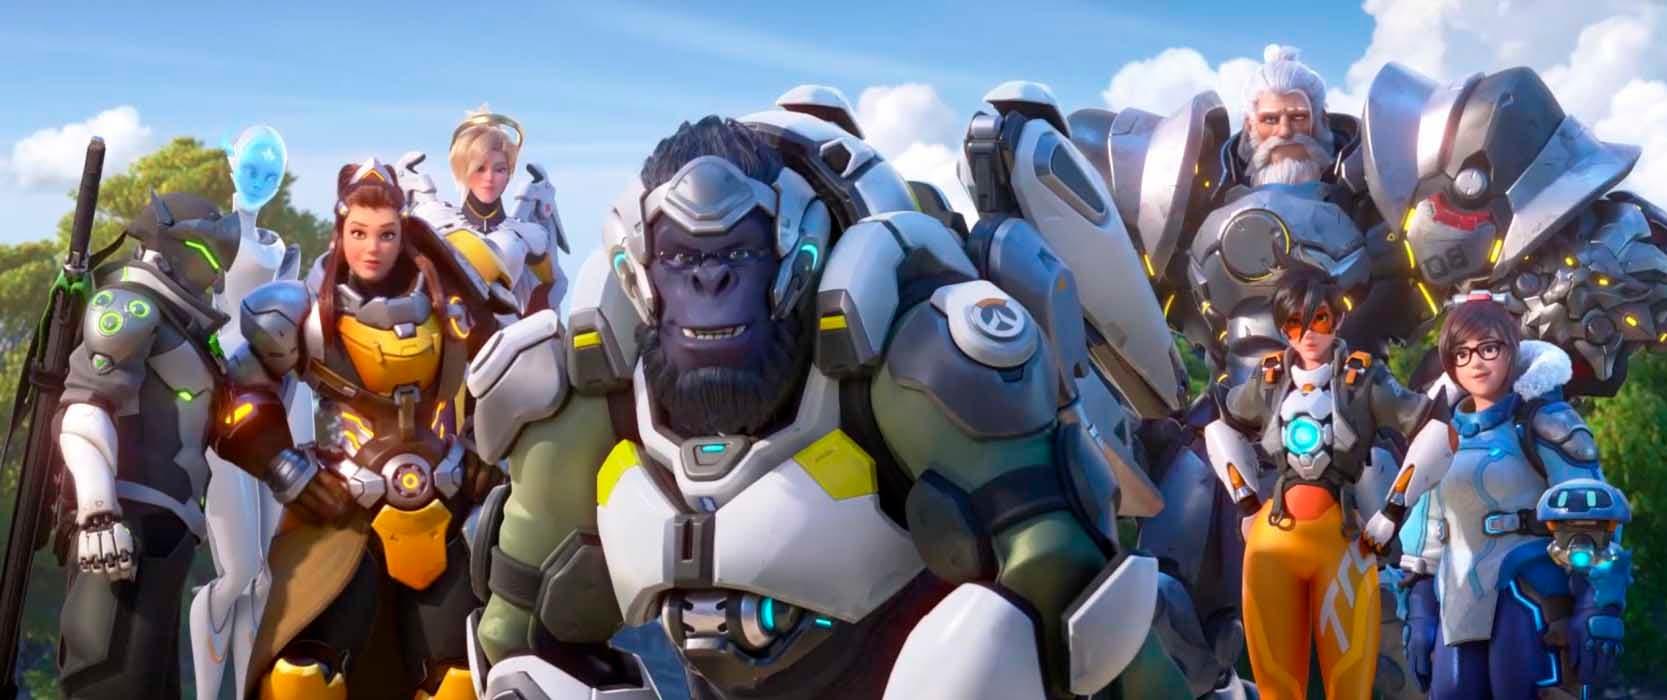 Surgen rumores sobre la producción de series de animación de Overwatch y Diablo 2